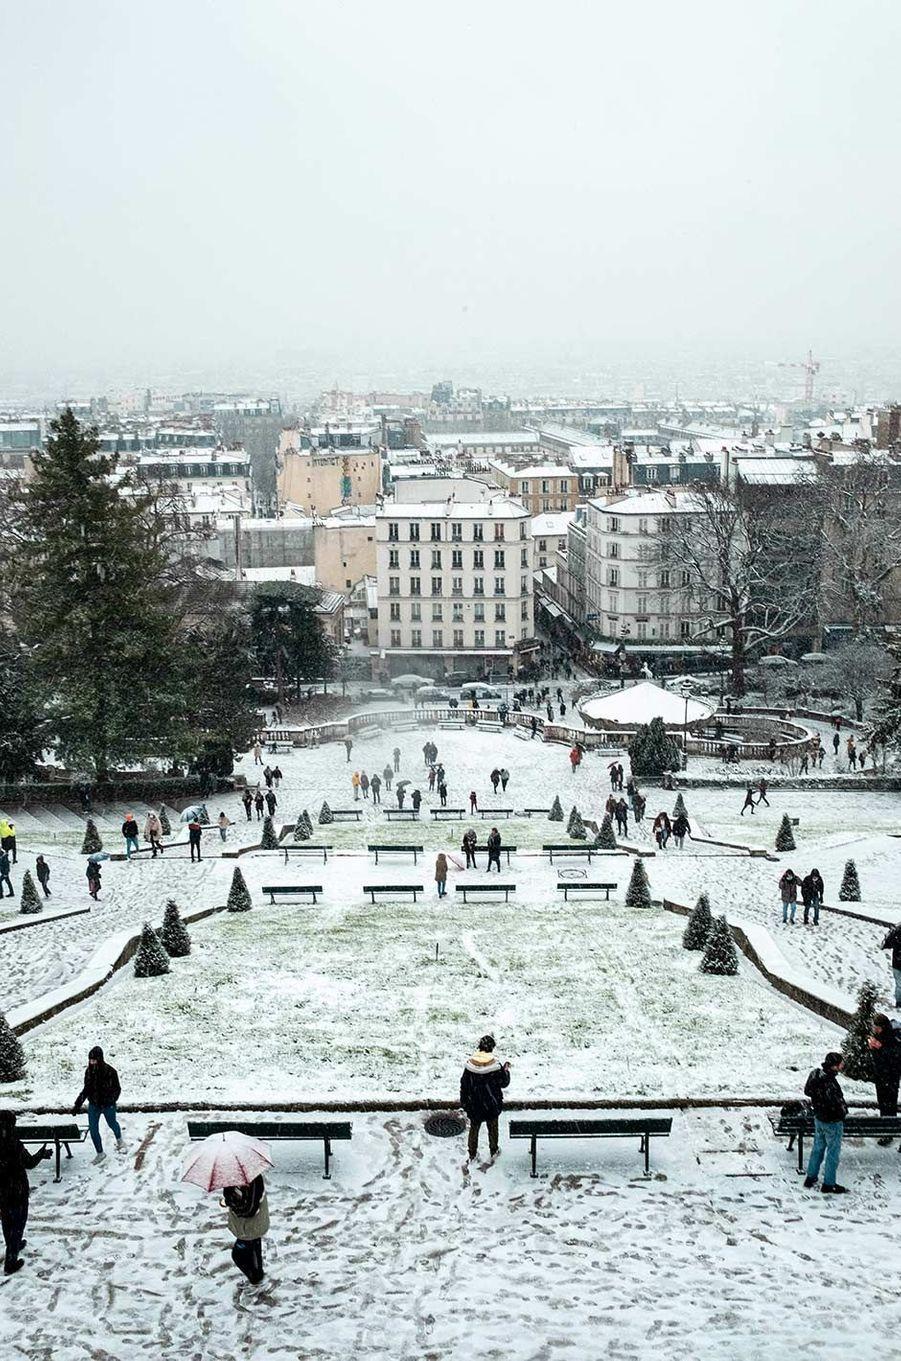 Il a neigé à Paris, le 16 janvier 2021.